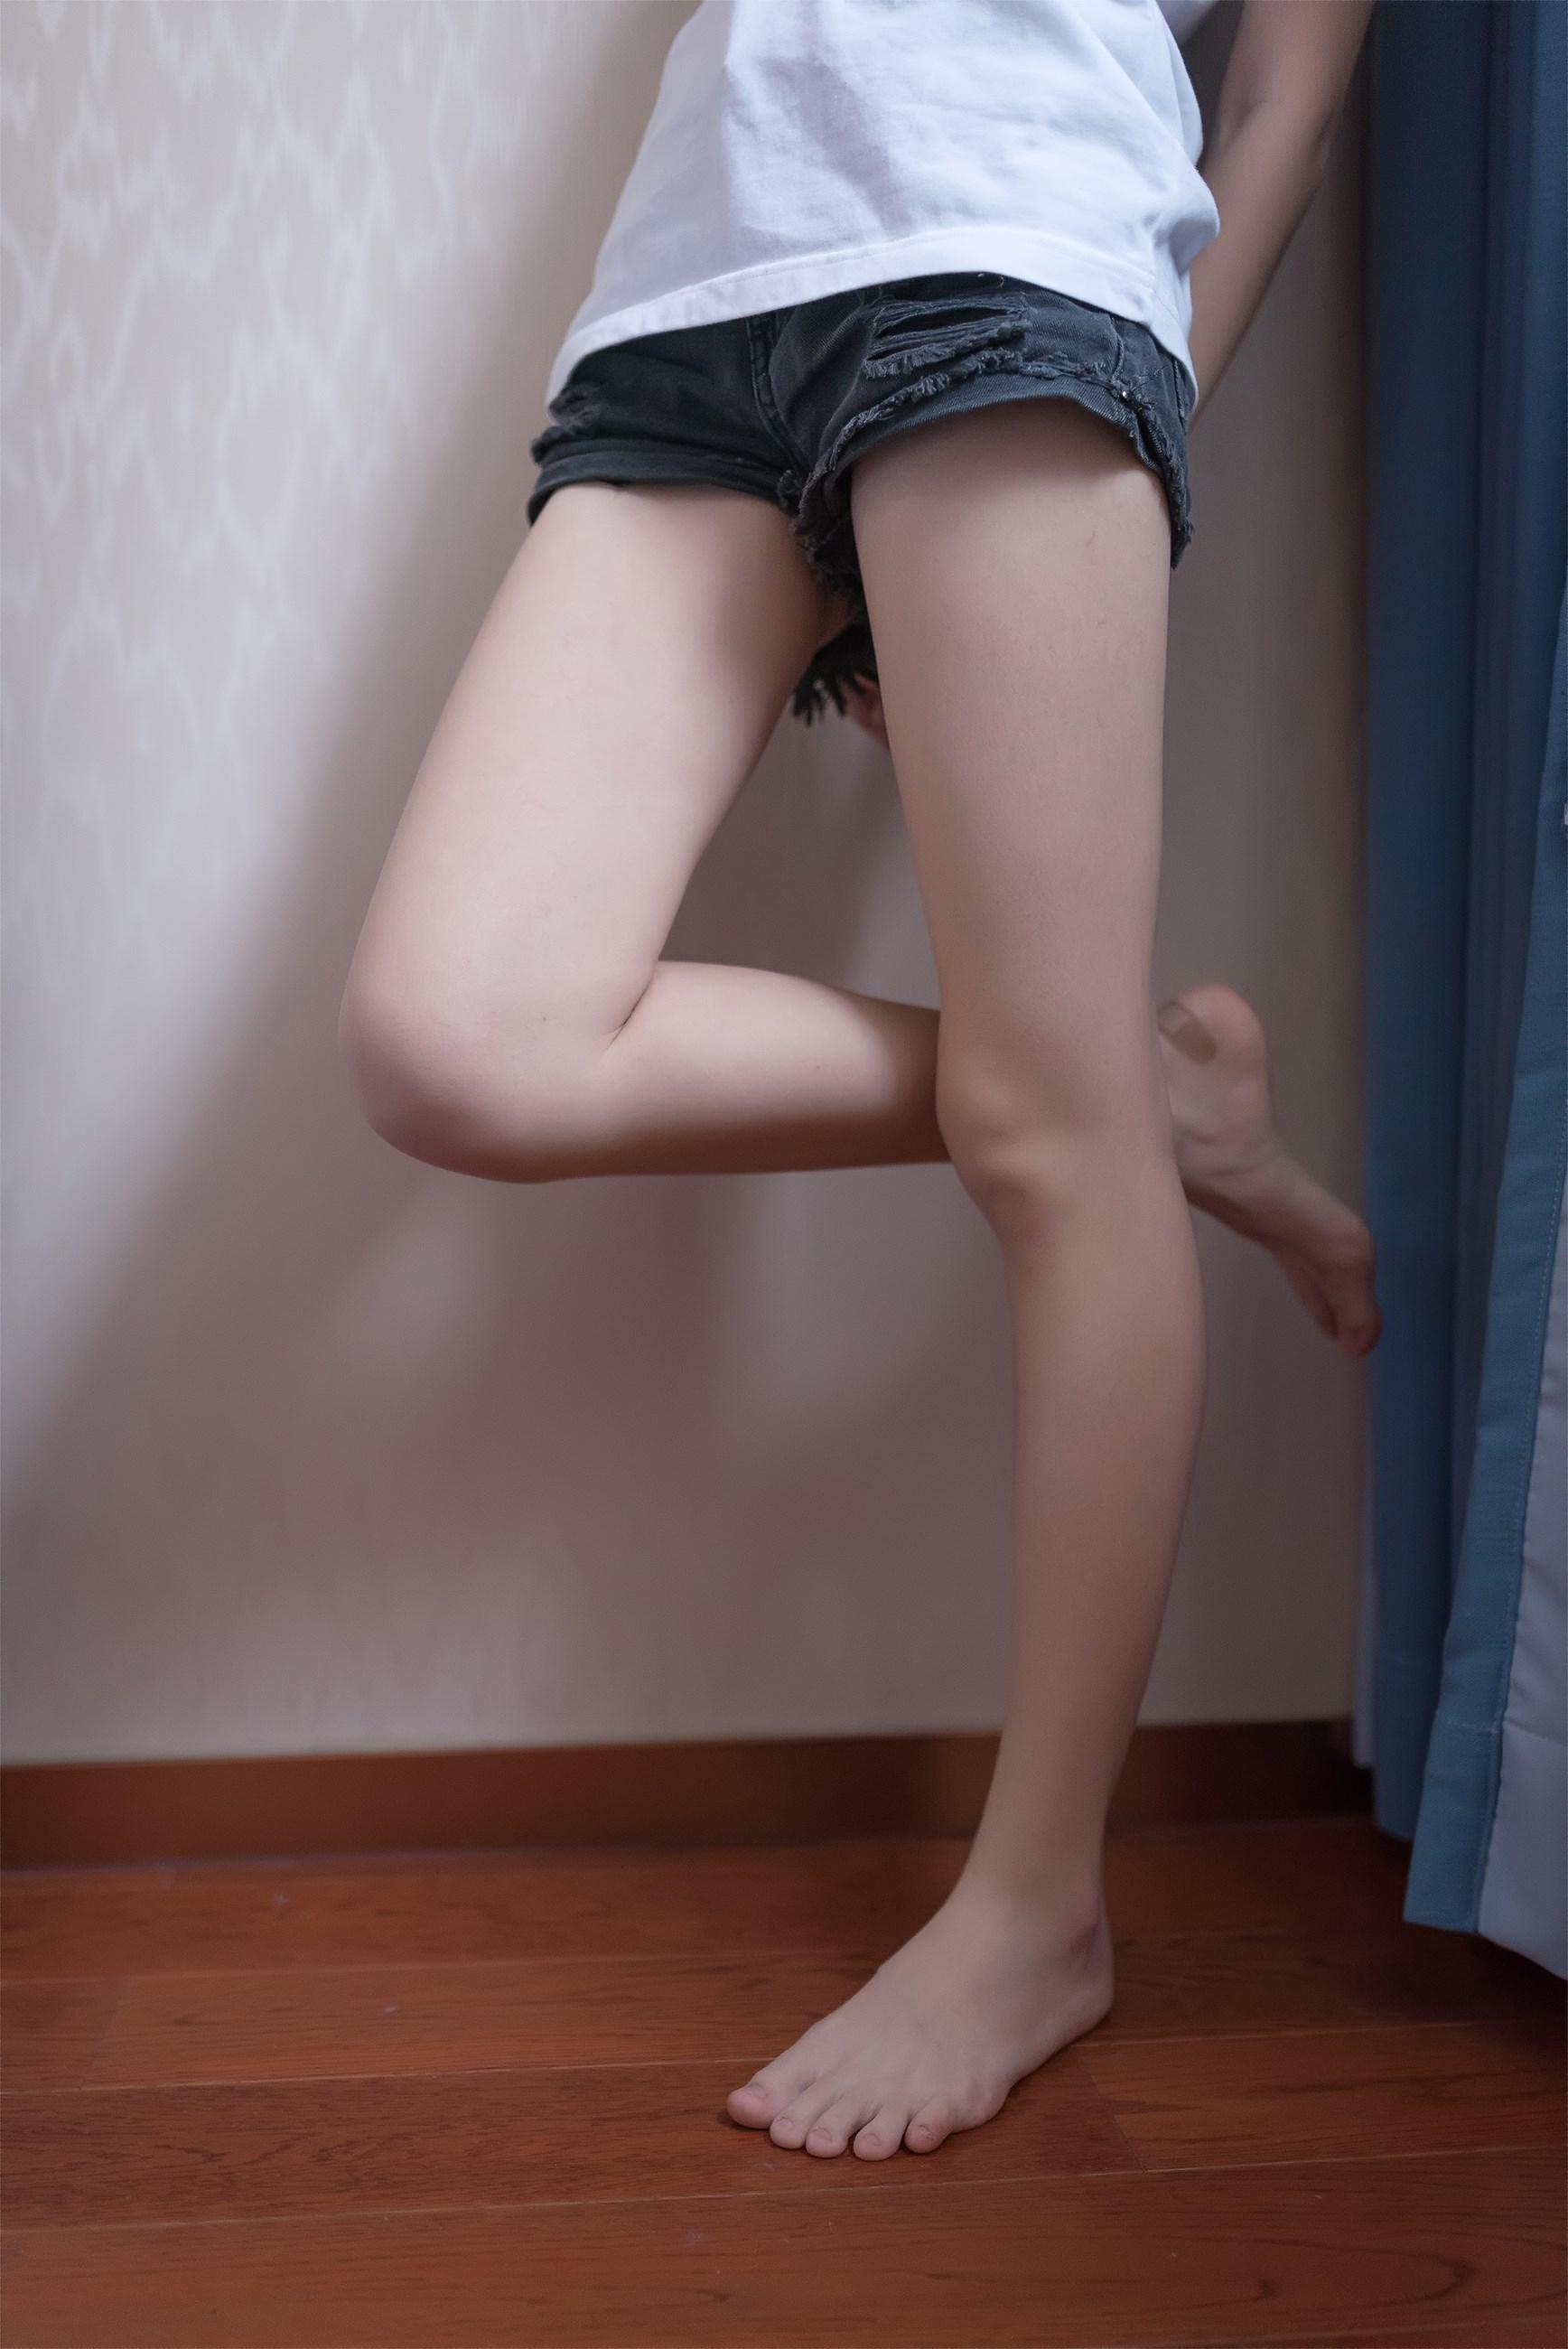 【兔玩映画】果腿少女 兔玩映画 第36张